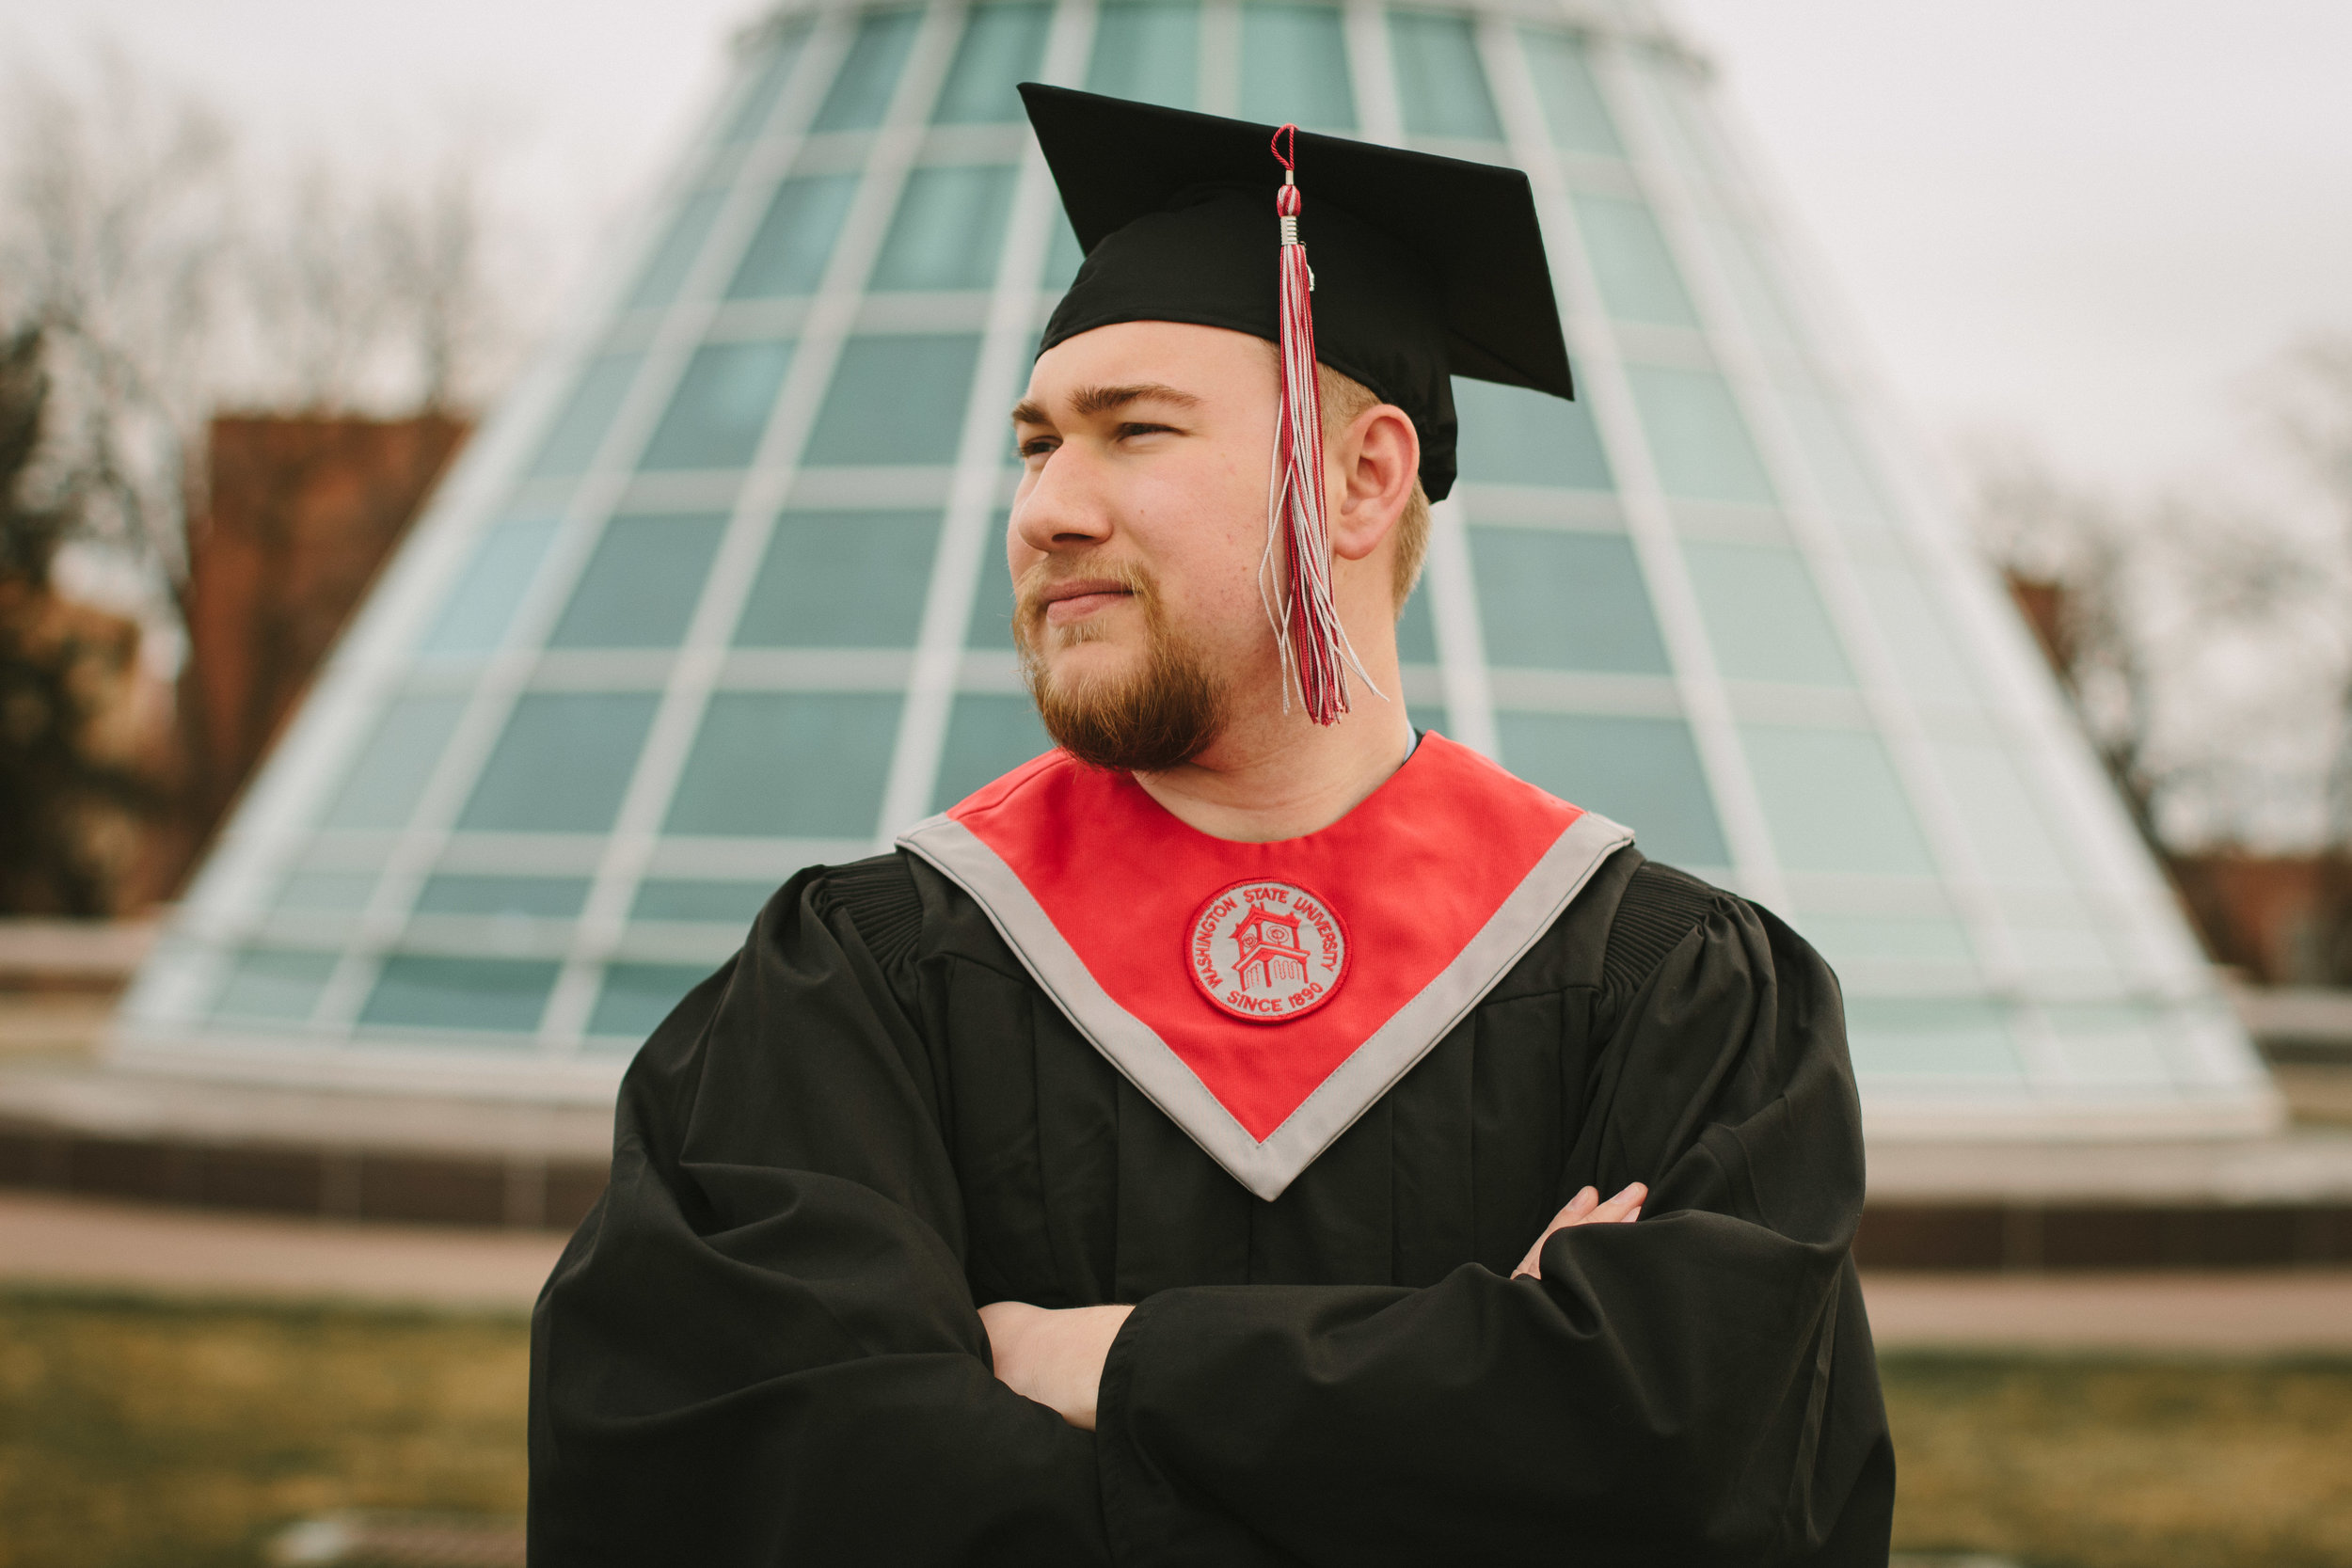 Camren_Graduation-14.jpg